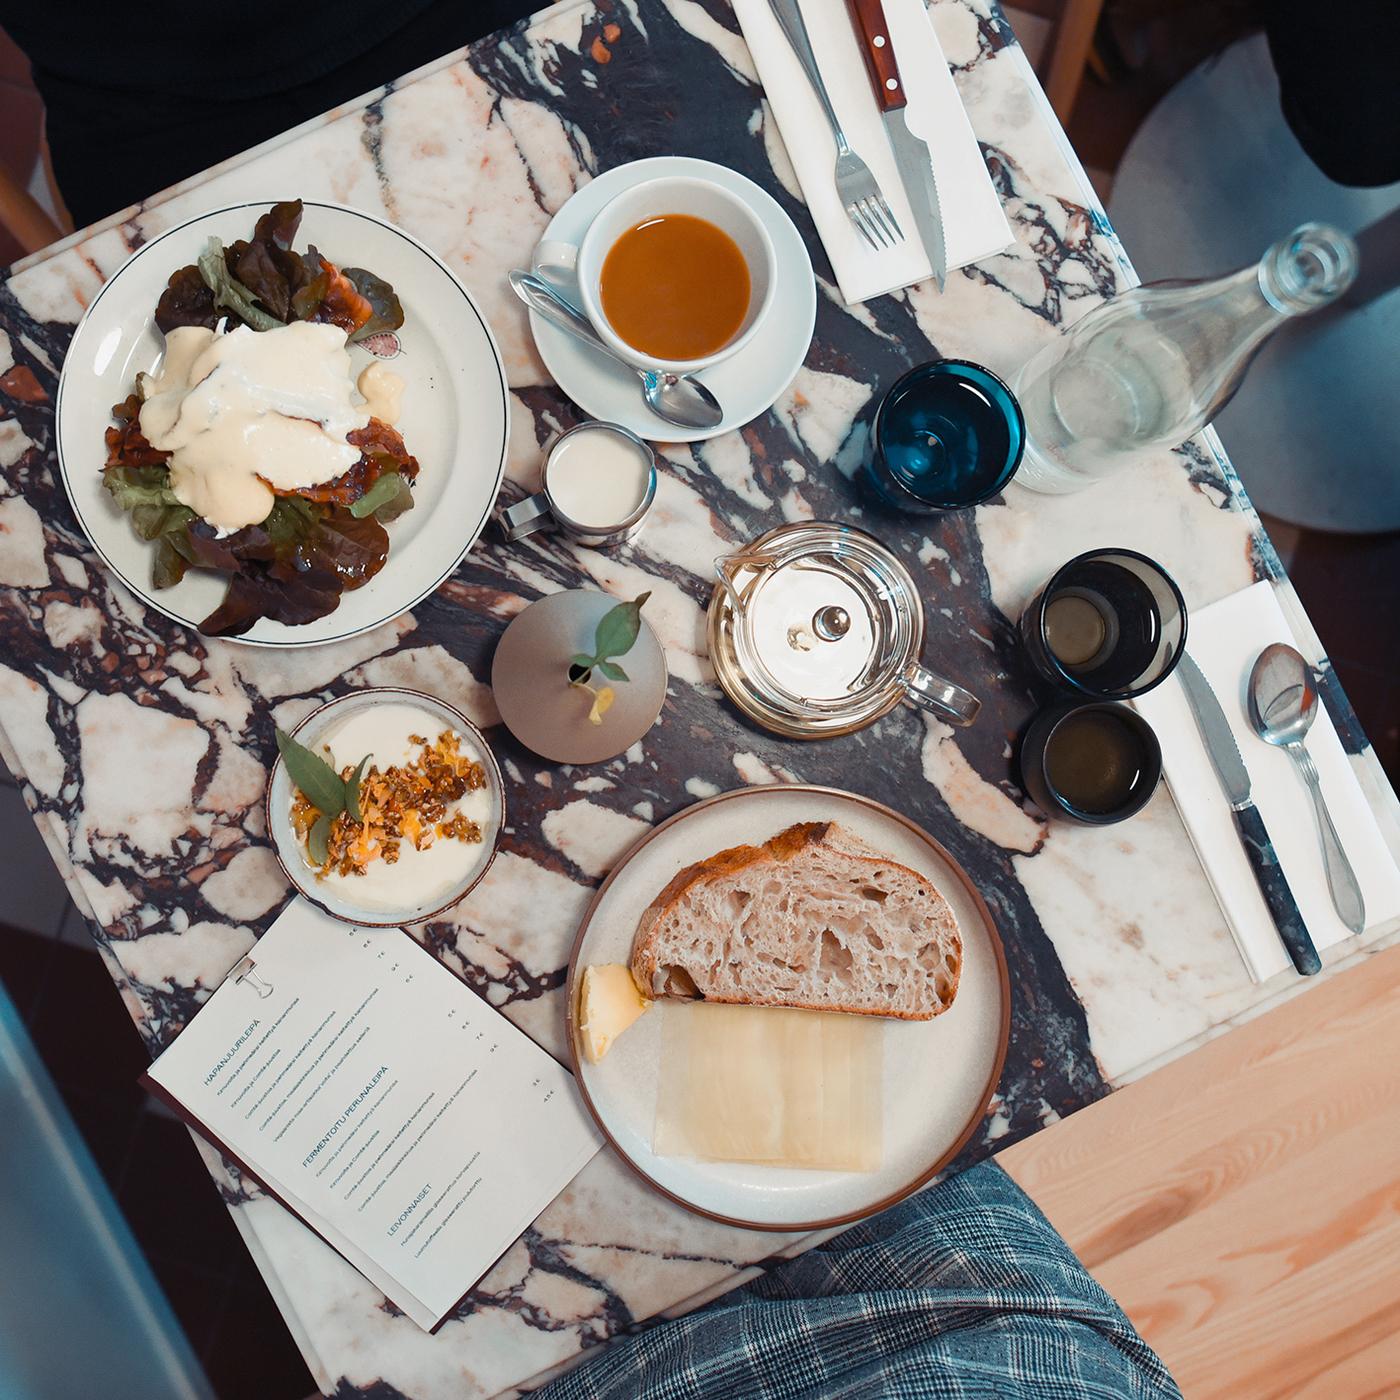 waybakery-aamiainen-sundayblondie-1.jpg